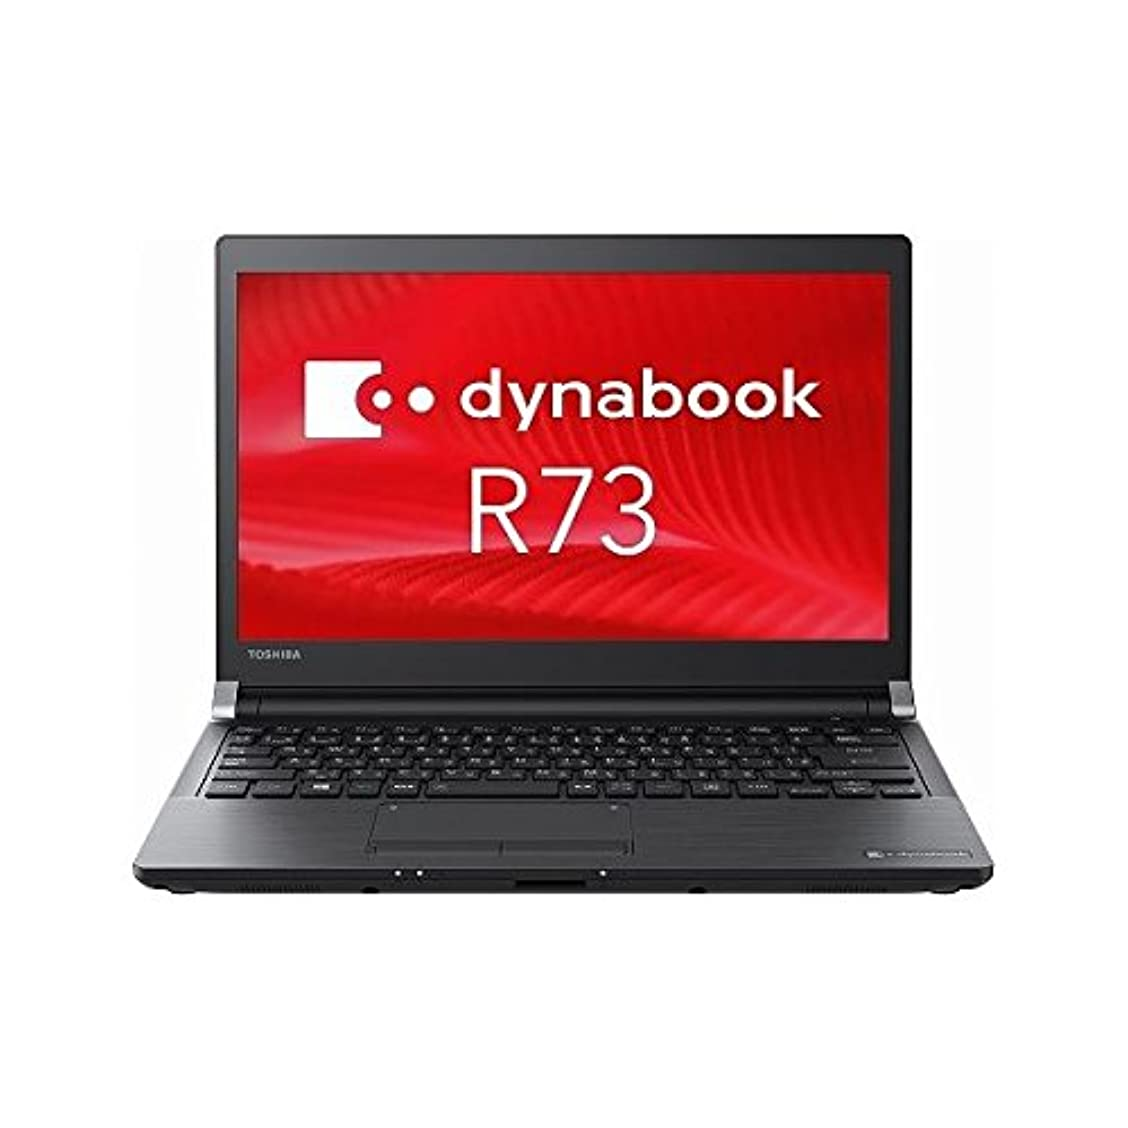 押すレビューナイロン東芝 dynabook R73/D:Corei5-6300U、4GB、500GB_HDD、13.3型HD軽量?高輝度、SMulti、WLAN+BT、標準モデル、Win732-64Bit、Office無